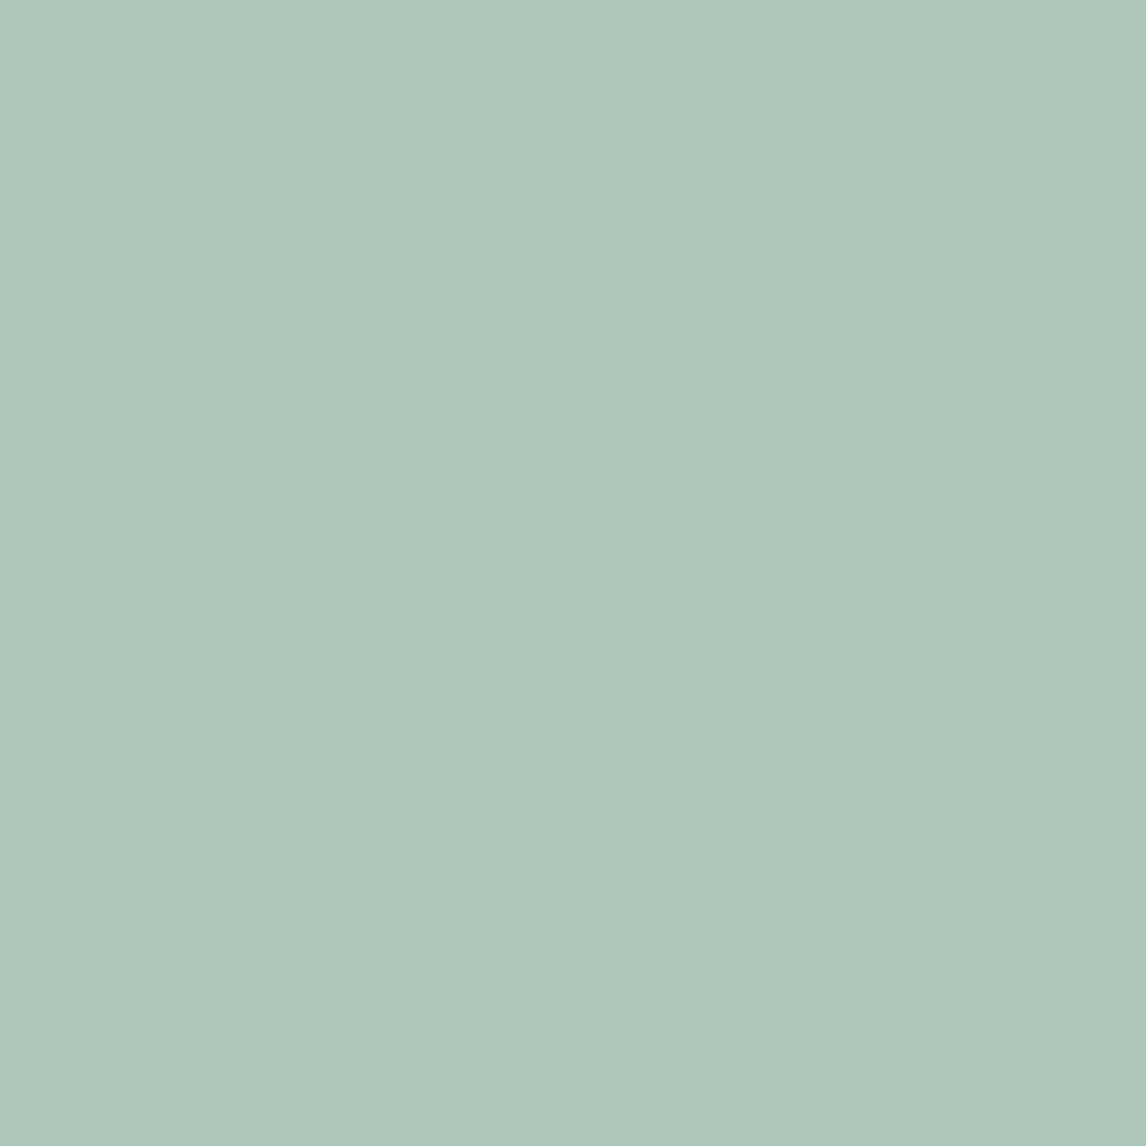 Green - Sage 150gsm